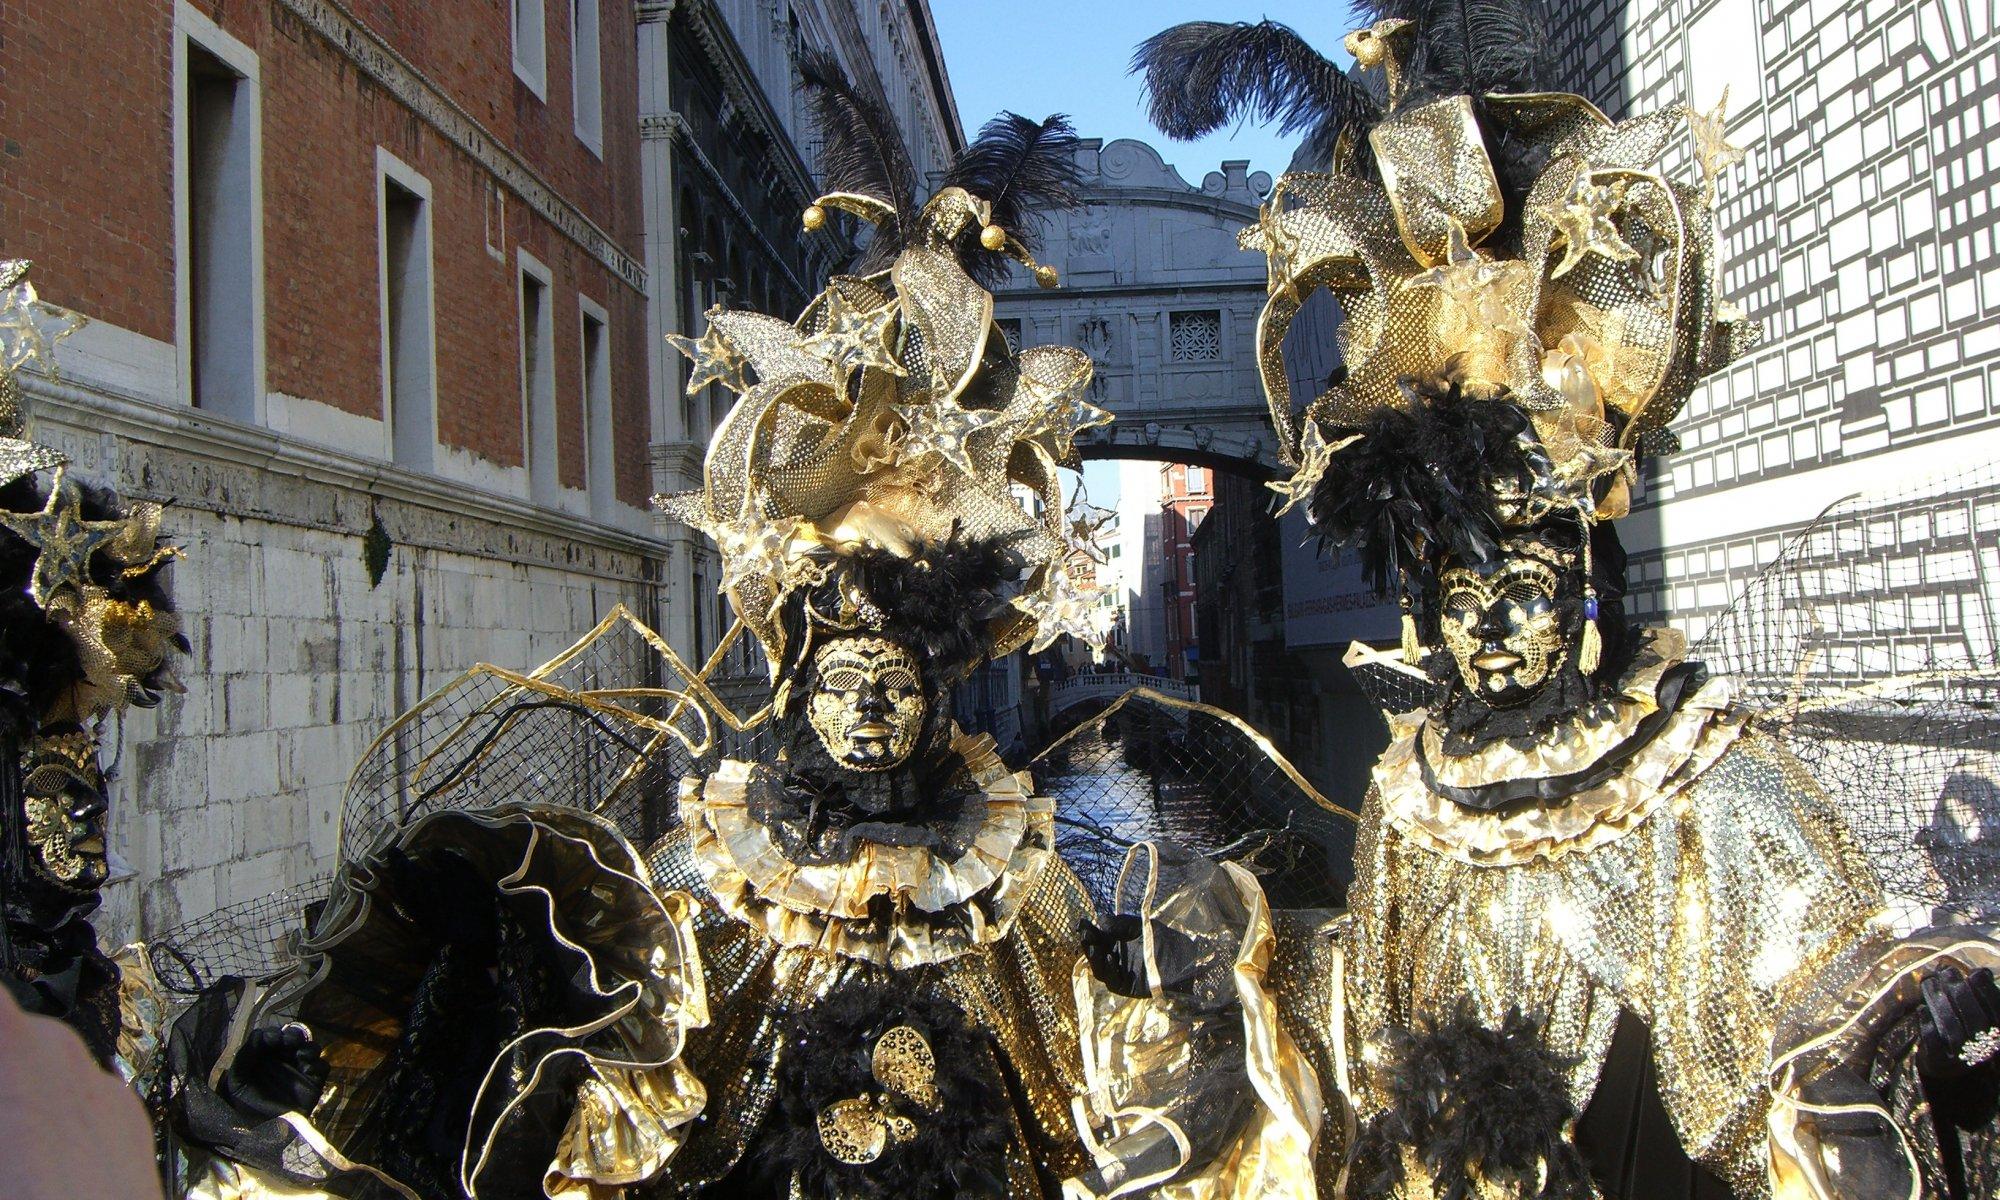 Carnevale di Venezia, Italy